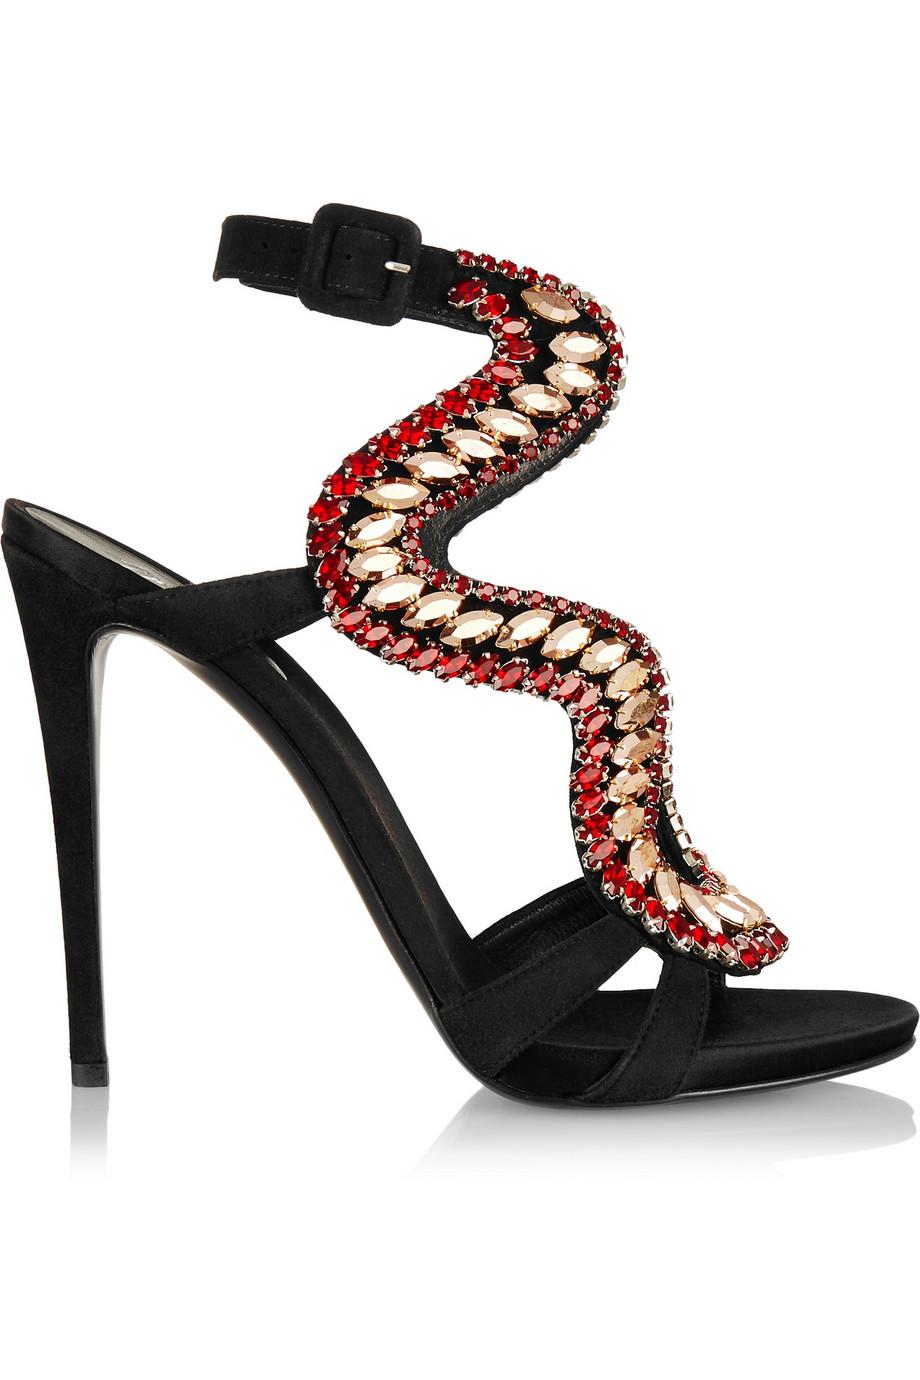 Giuseppe Zanotti Crystal Embellished Sandals $932.75